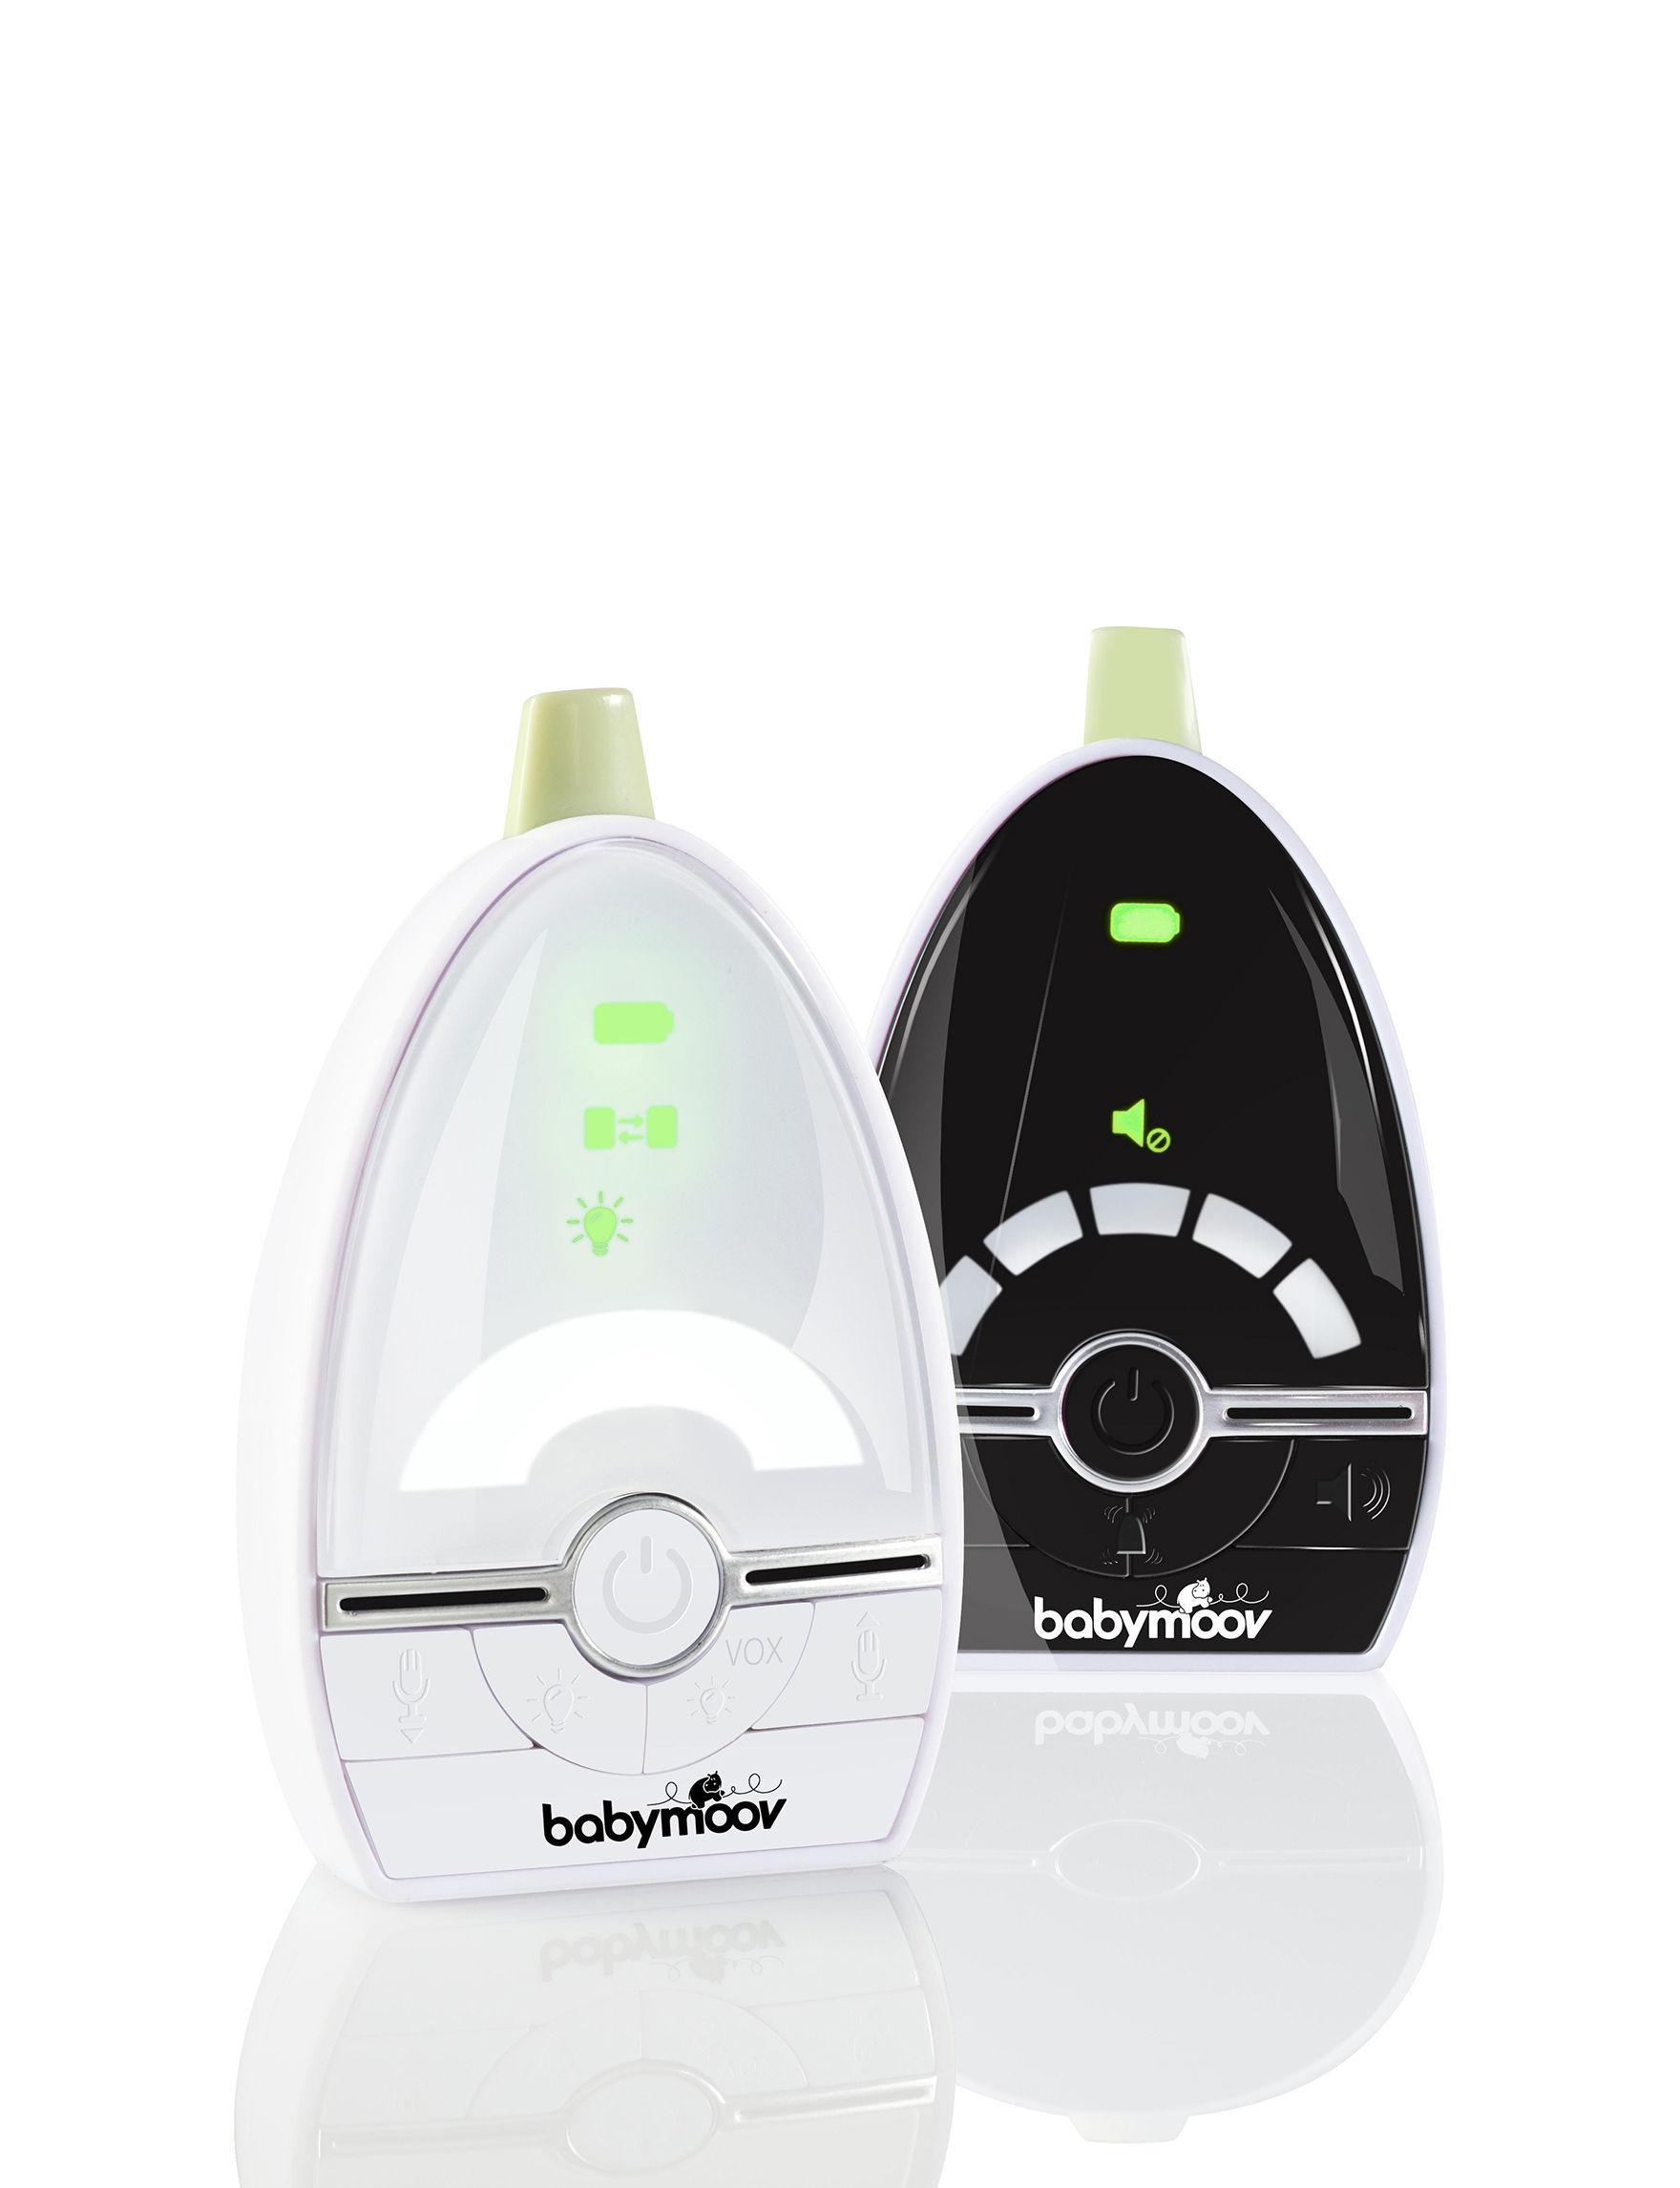 Babymoov Black / White Baby Monitors